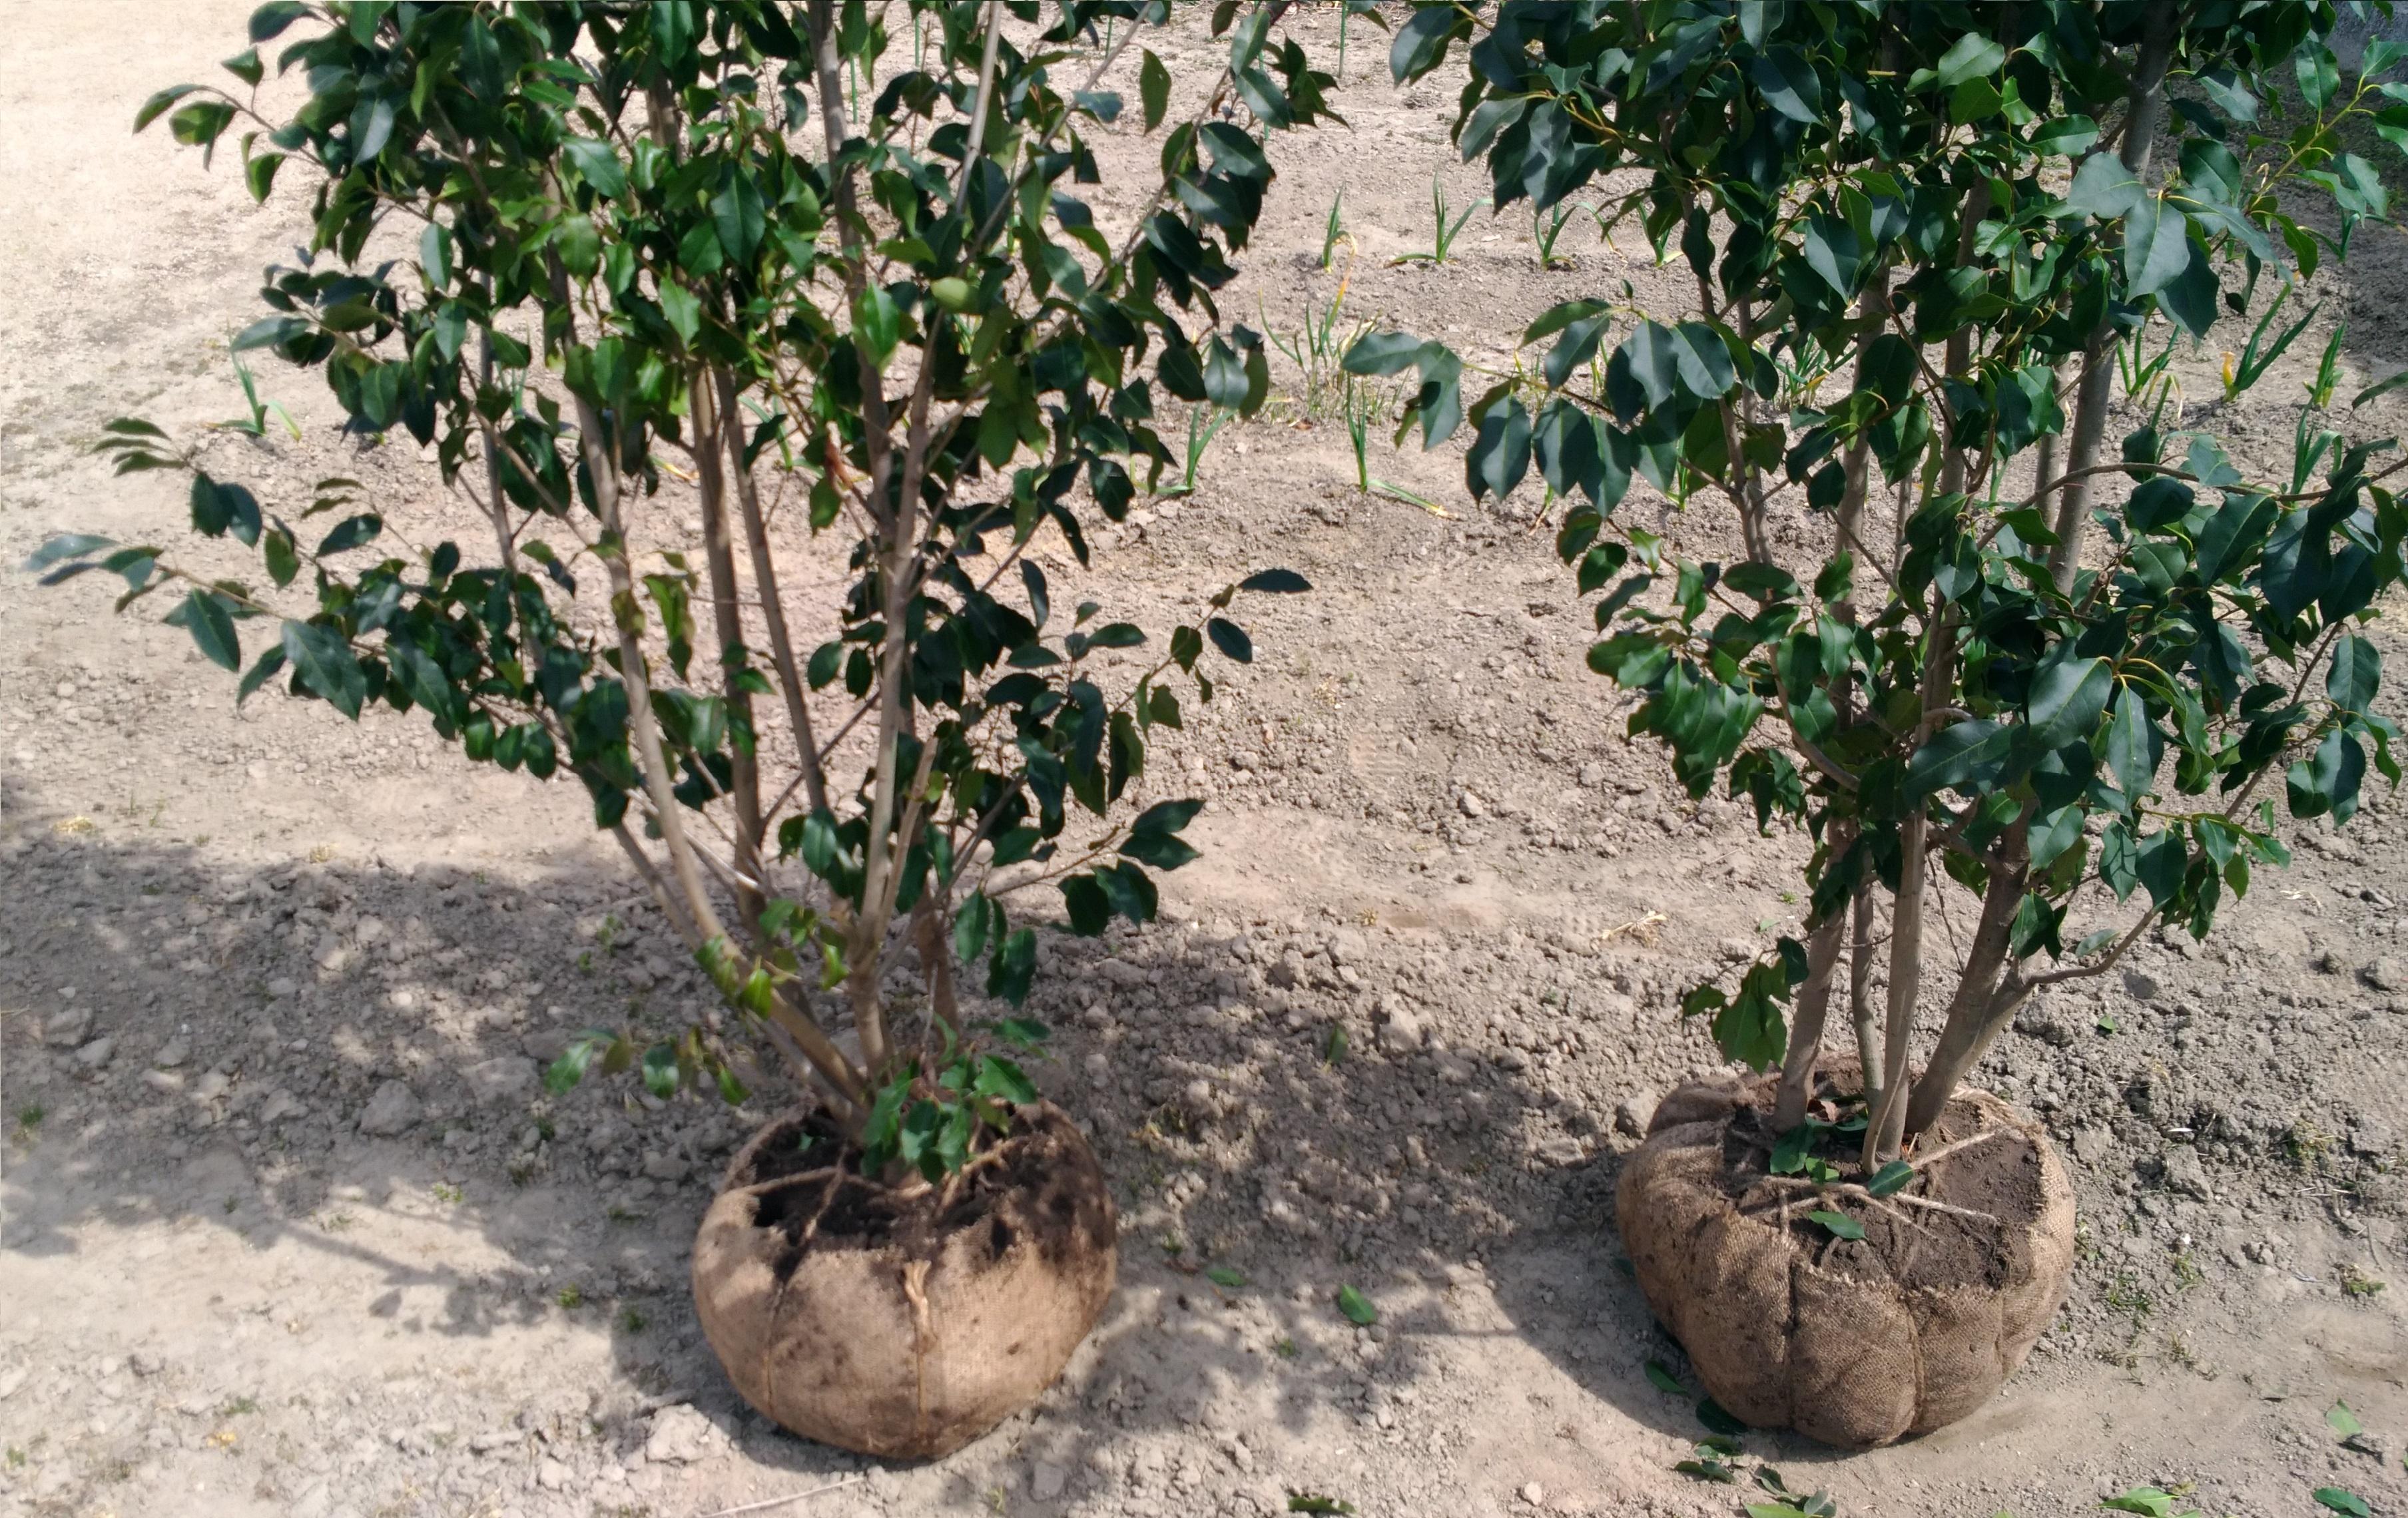 3月は植樹に適した時期です!【ソヨゴ】の追加植樹と、昨秋に植えたソヨゴの様子です!